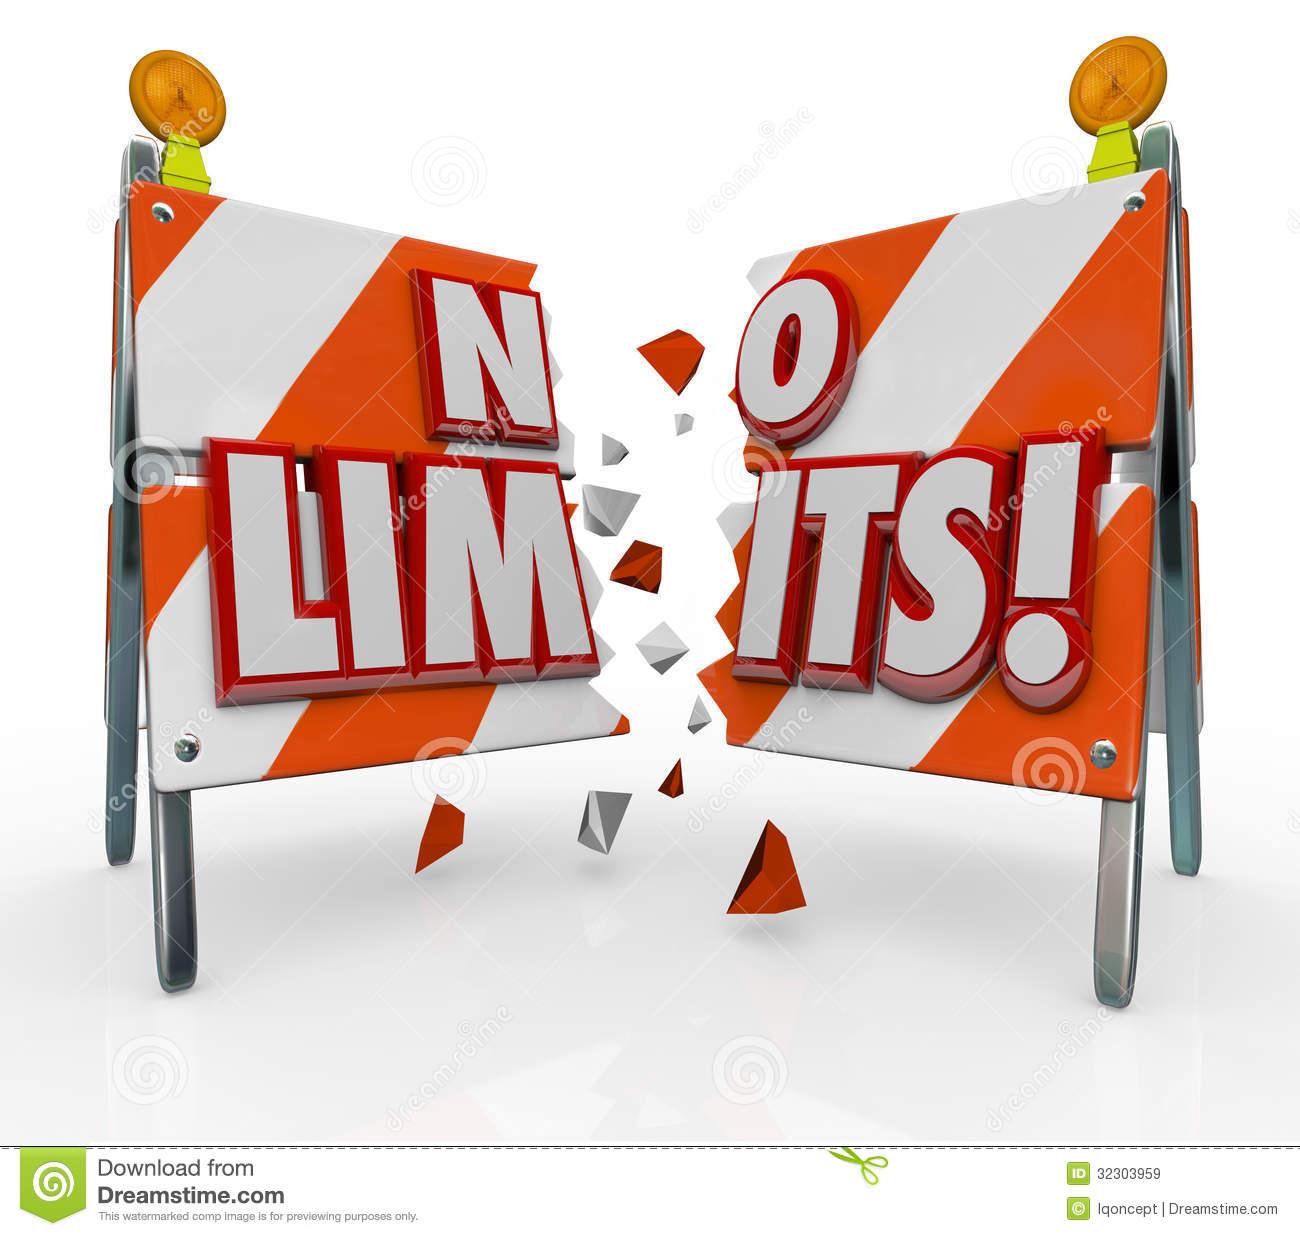 Limits clipart.